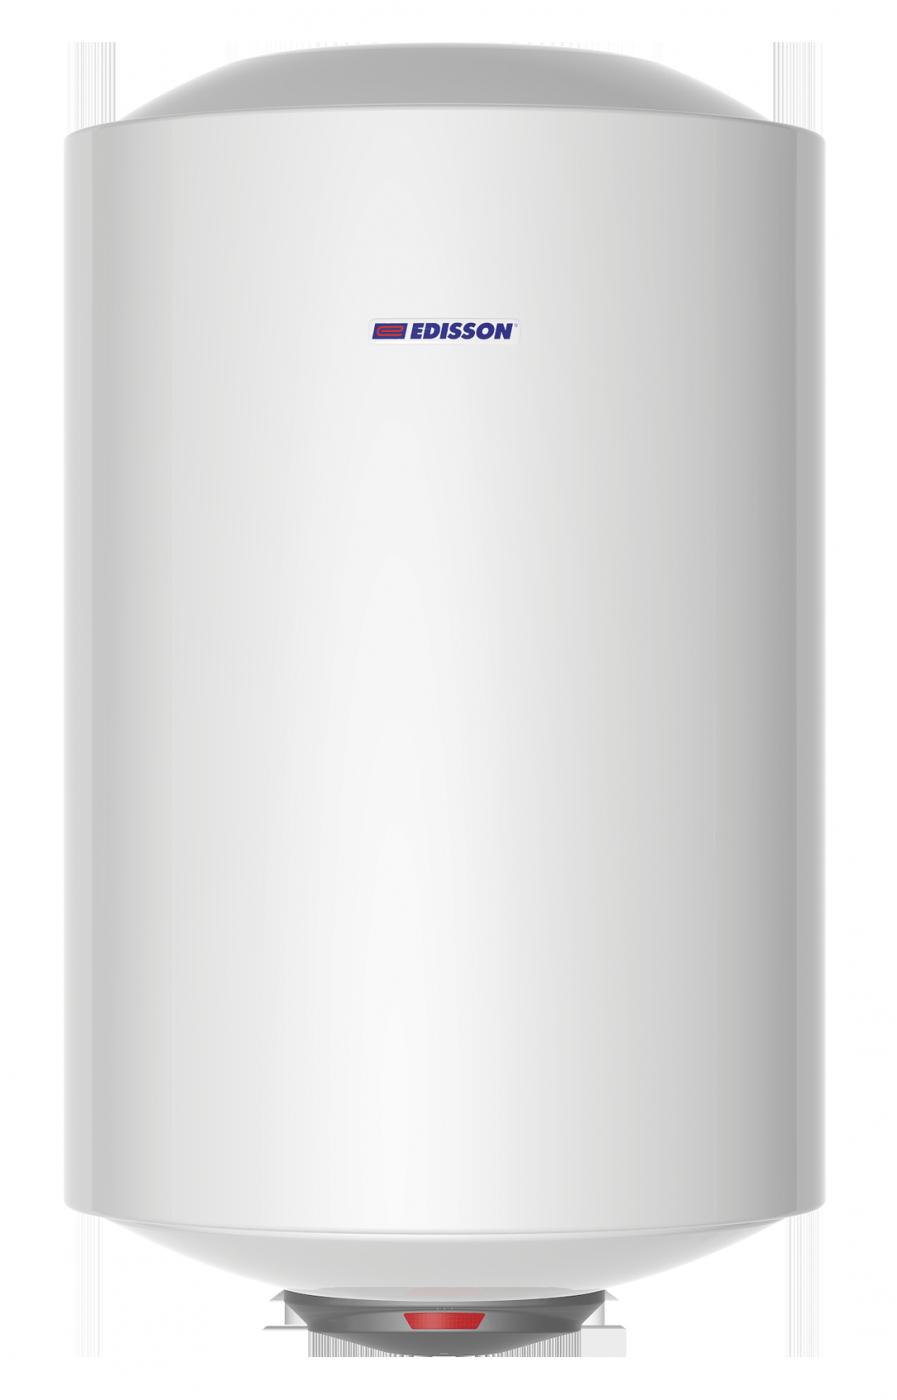 Накопительный электрический водонагреватель Edisson ER 80V (121003)